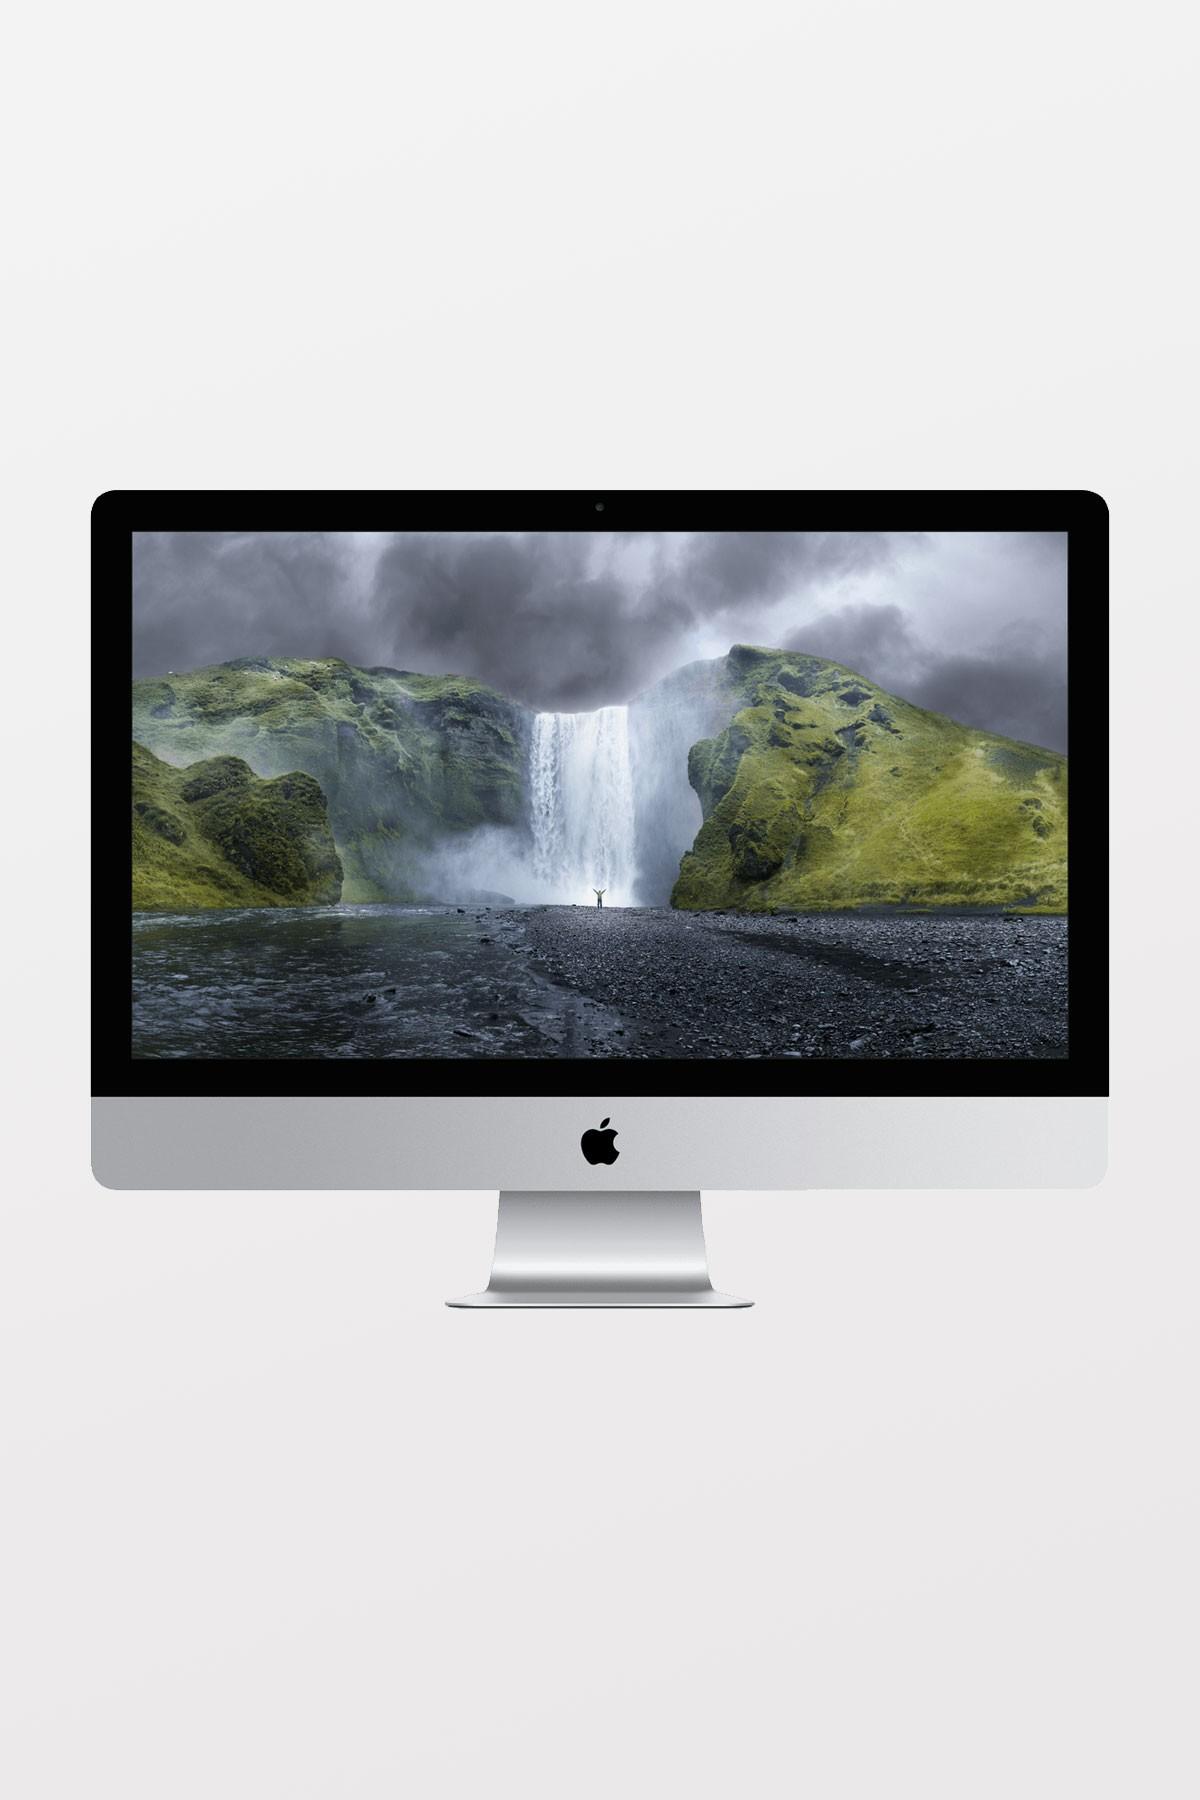 Apple iMac 27-inch 5K (3.3GHz i5/8GB/1TB HDD/AMD Radeon R9 M290 2GB) - Apple Certified Refurbished